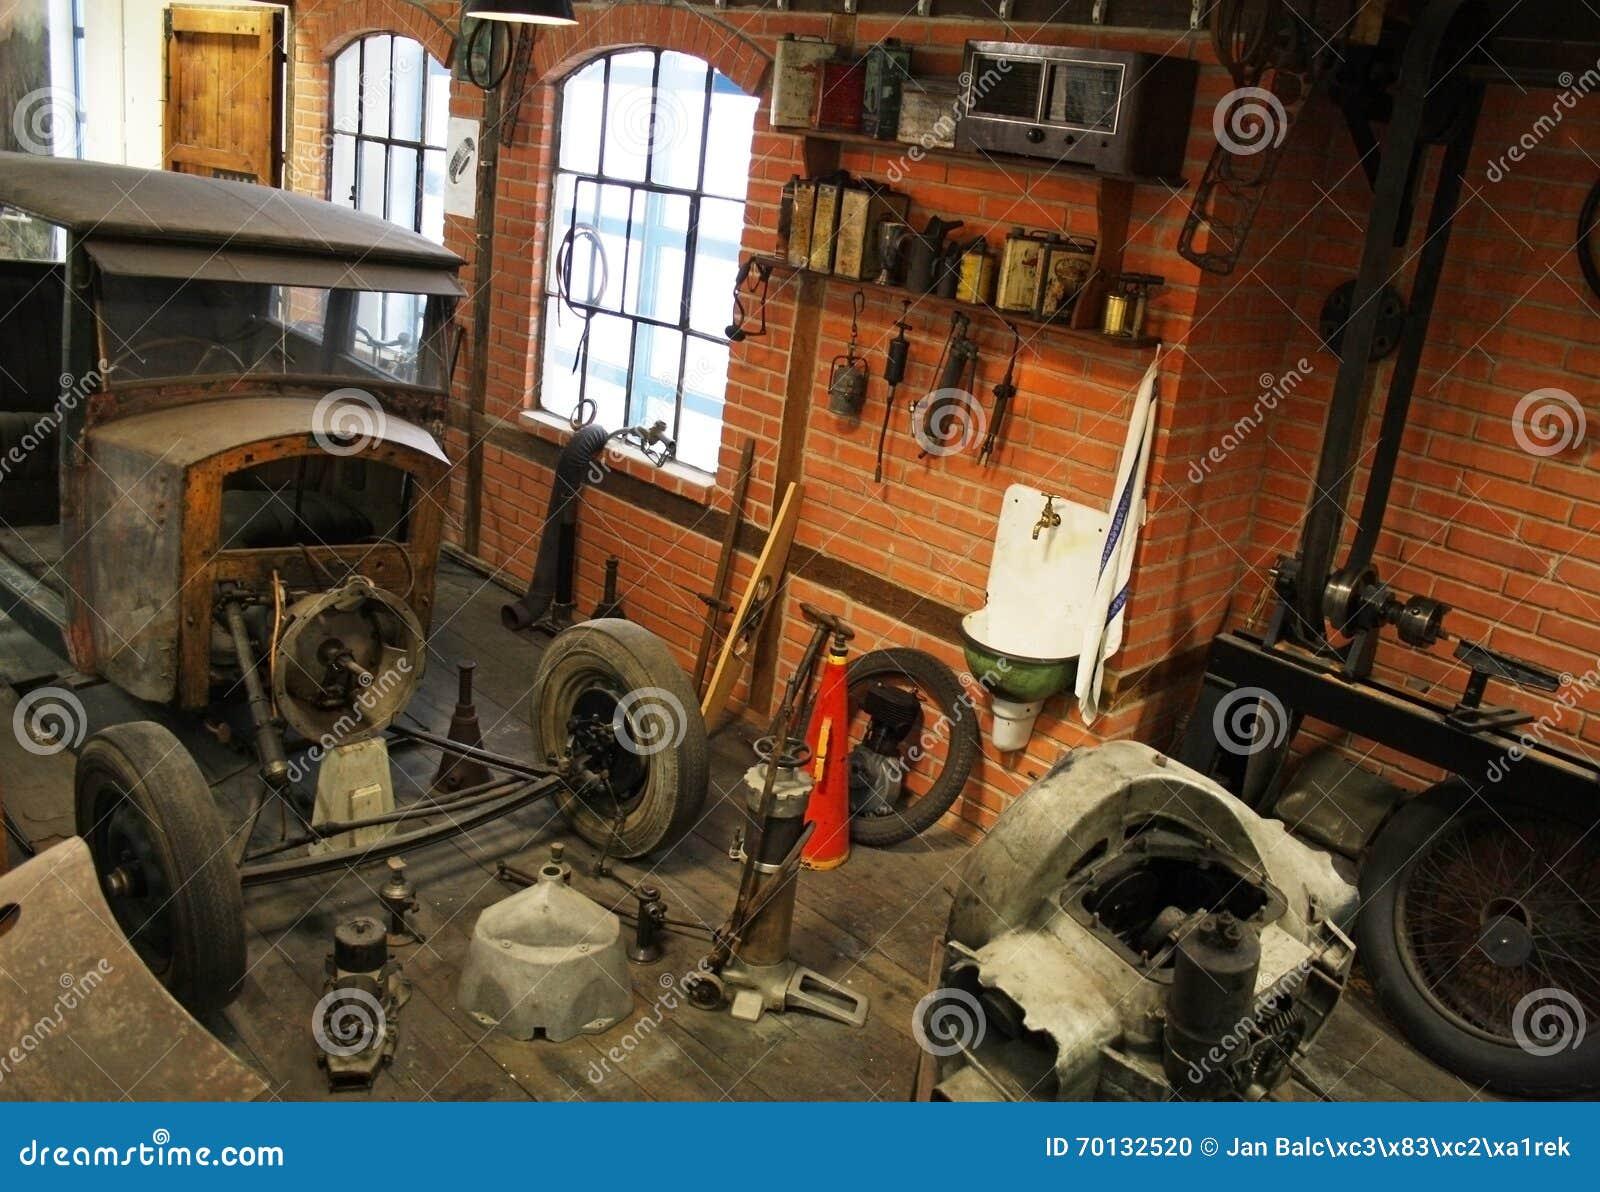 Garage de vintage l 39 int rieur photo stock image 70132520 for Interieur garage